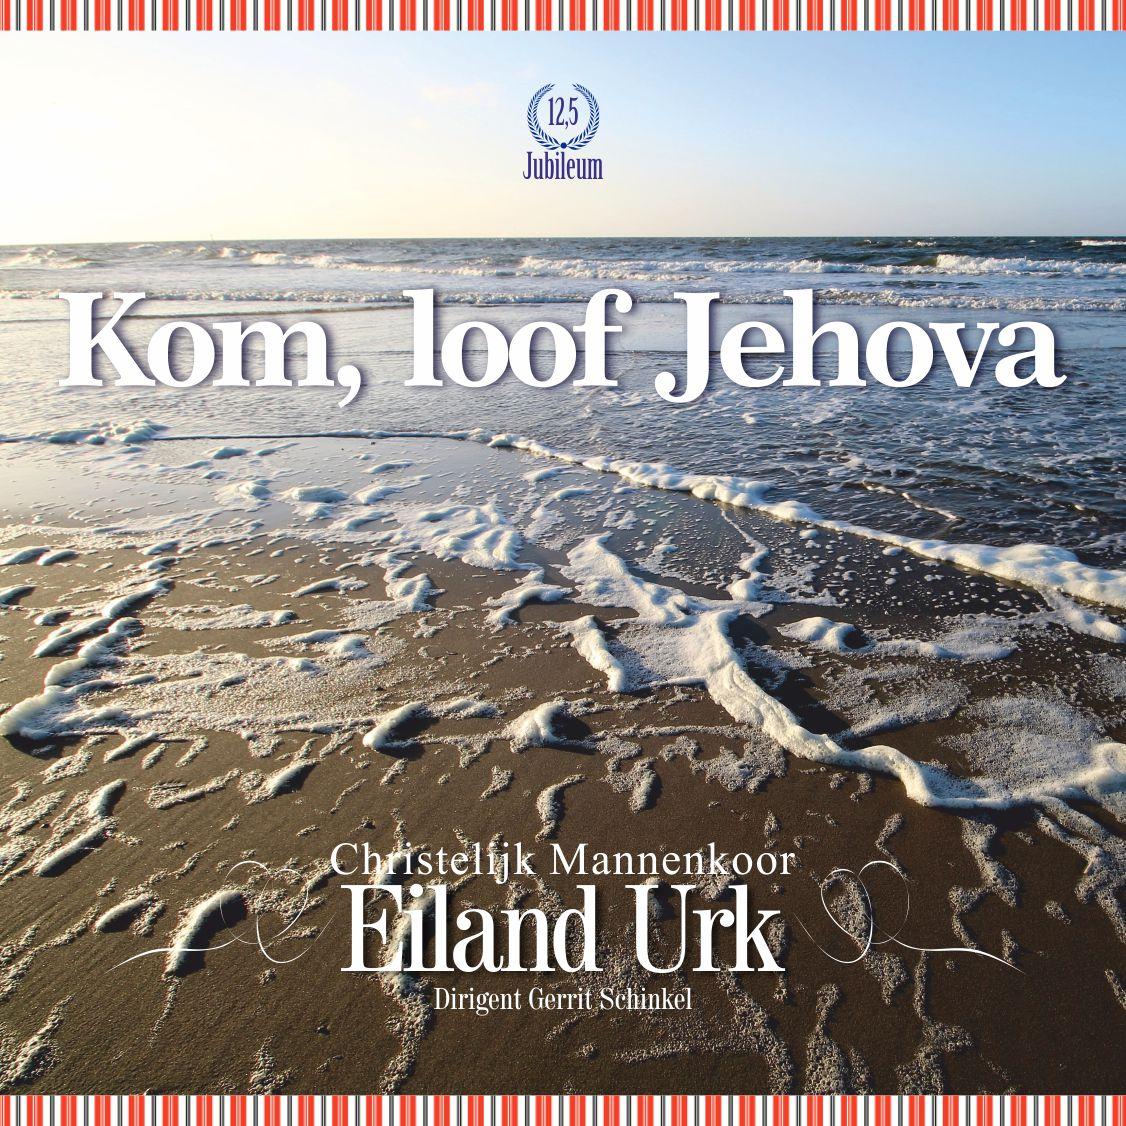 December CD Actie maand